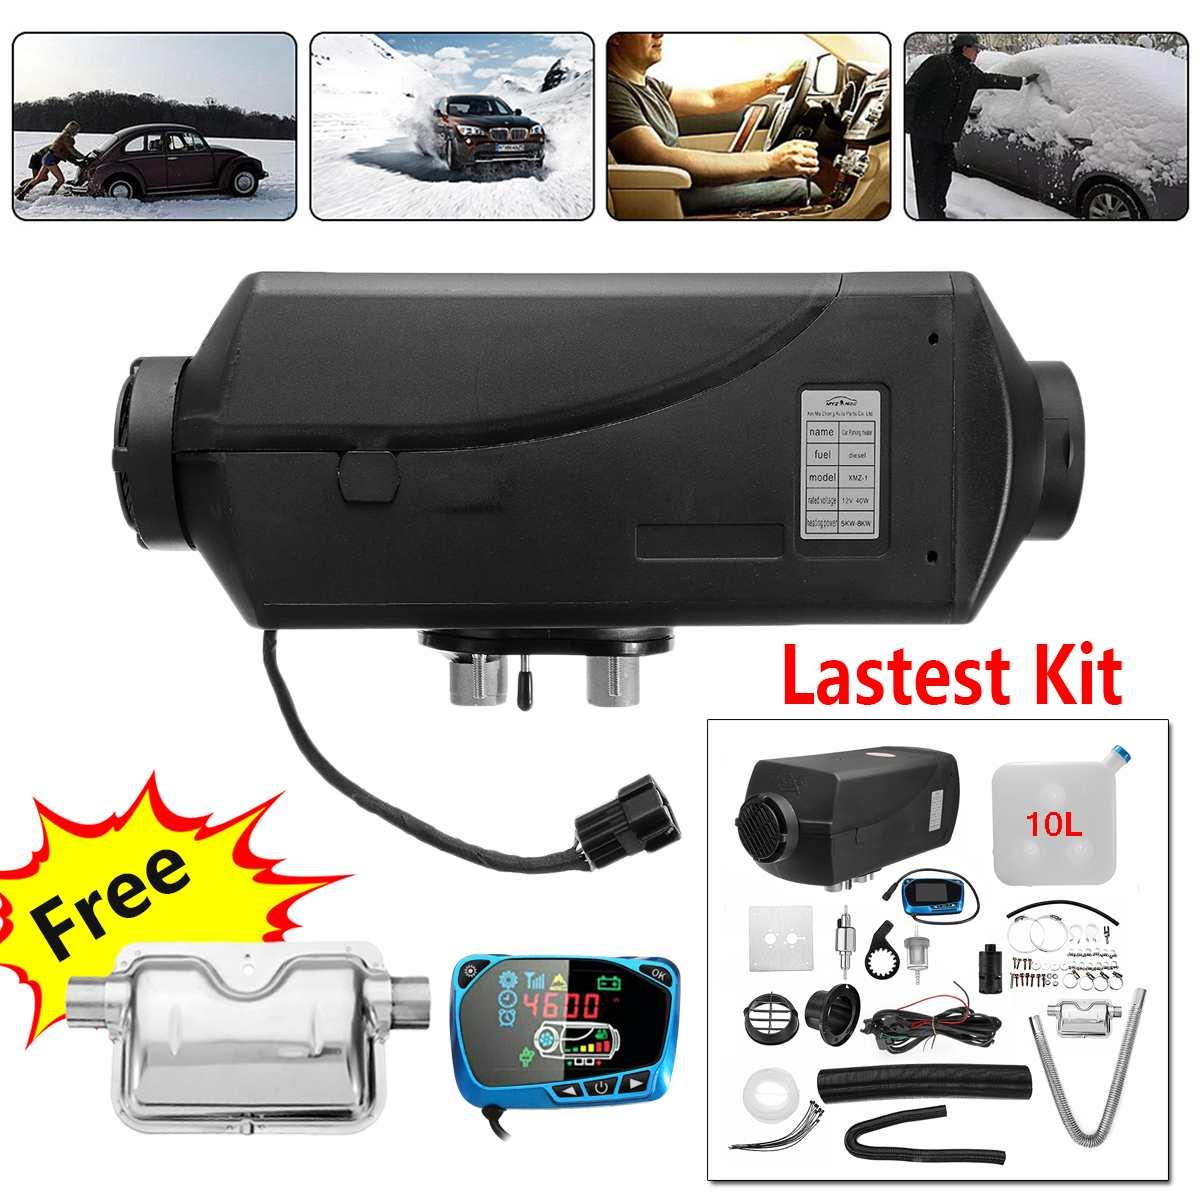 8KW 12 V Air Diesel/chauffage planaire LCD pour voiture camions bateaux camping-cars dernier Kit moniteur pour camping-Car remorque avec télécommande